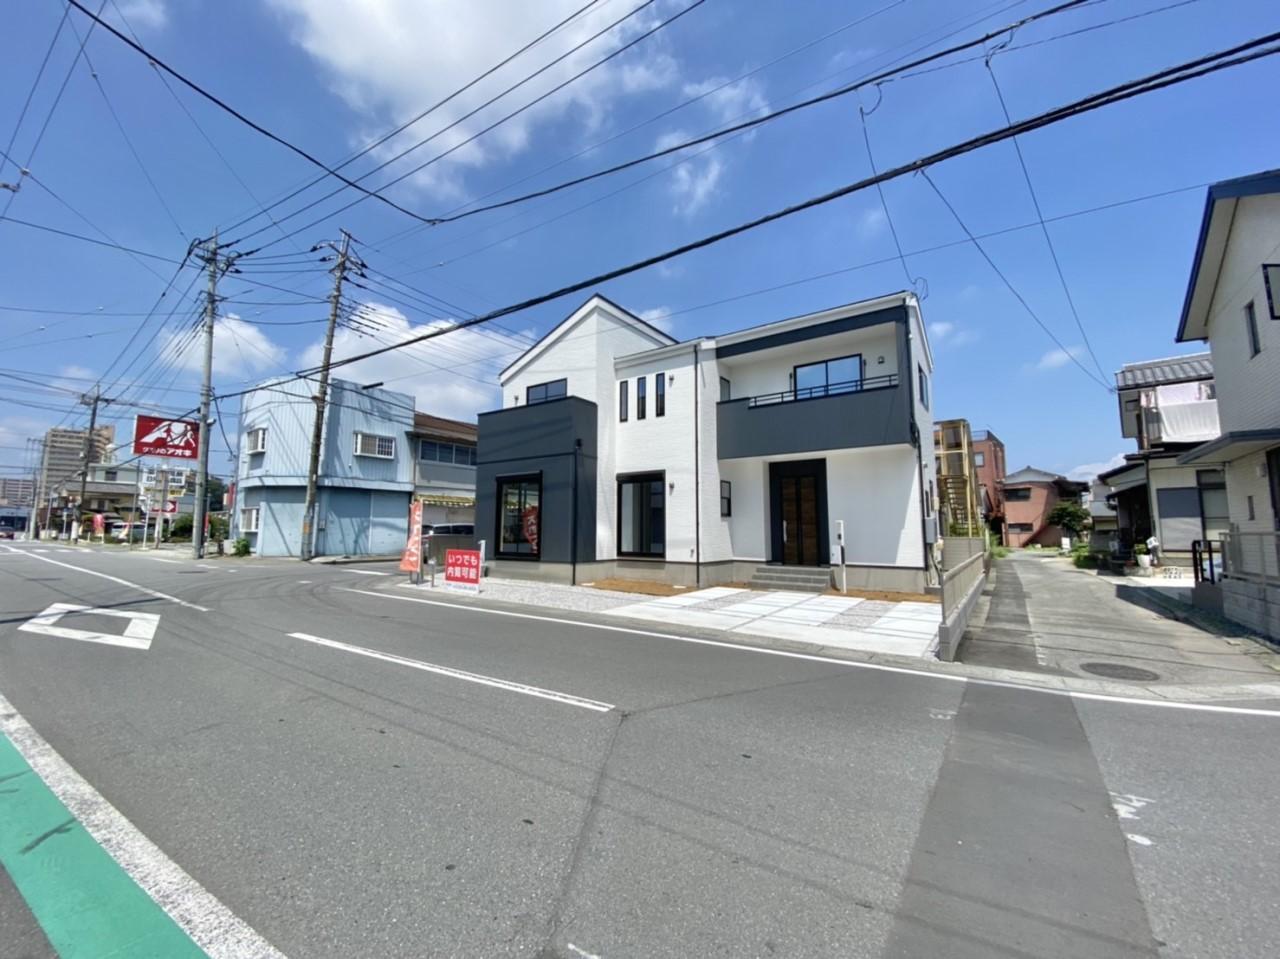 【KEIAI】 -Ricca- 熊谷市銀座5期